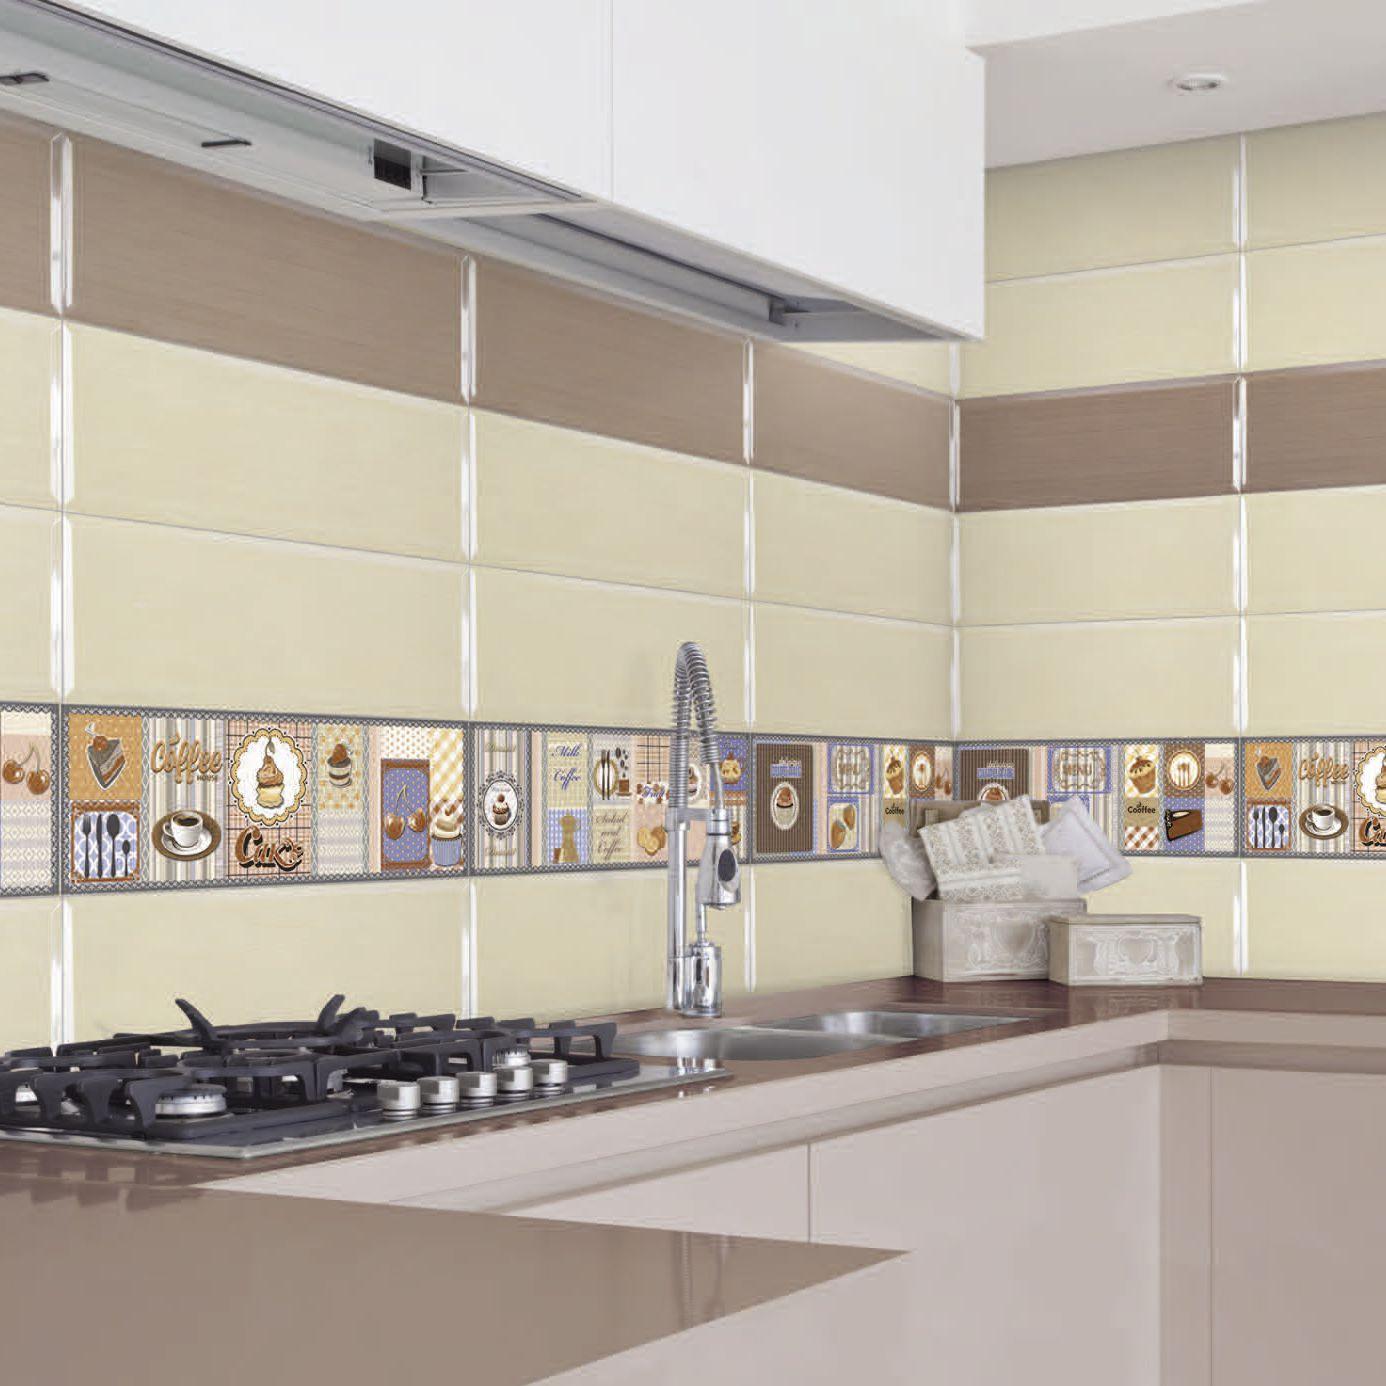 Piastrella da cucina / da parete / in ceramica / 20x60 cm - ETERNA ...